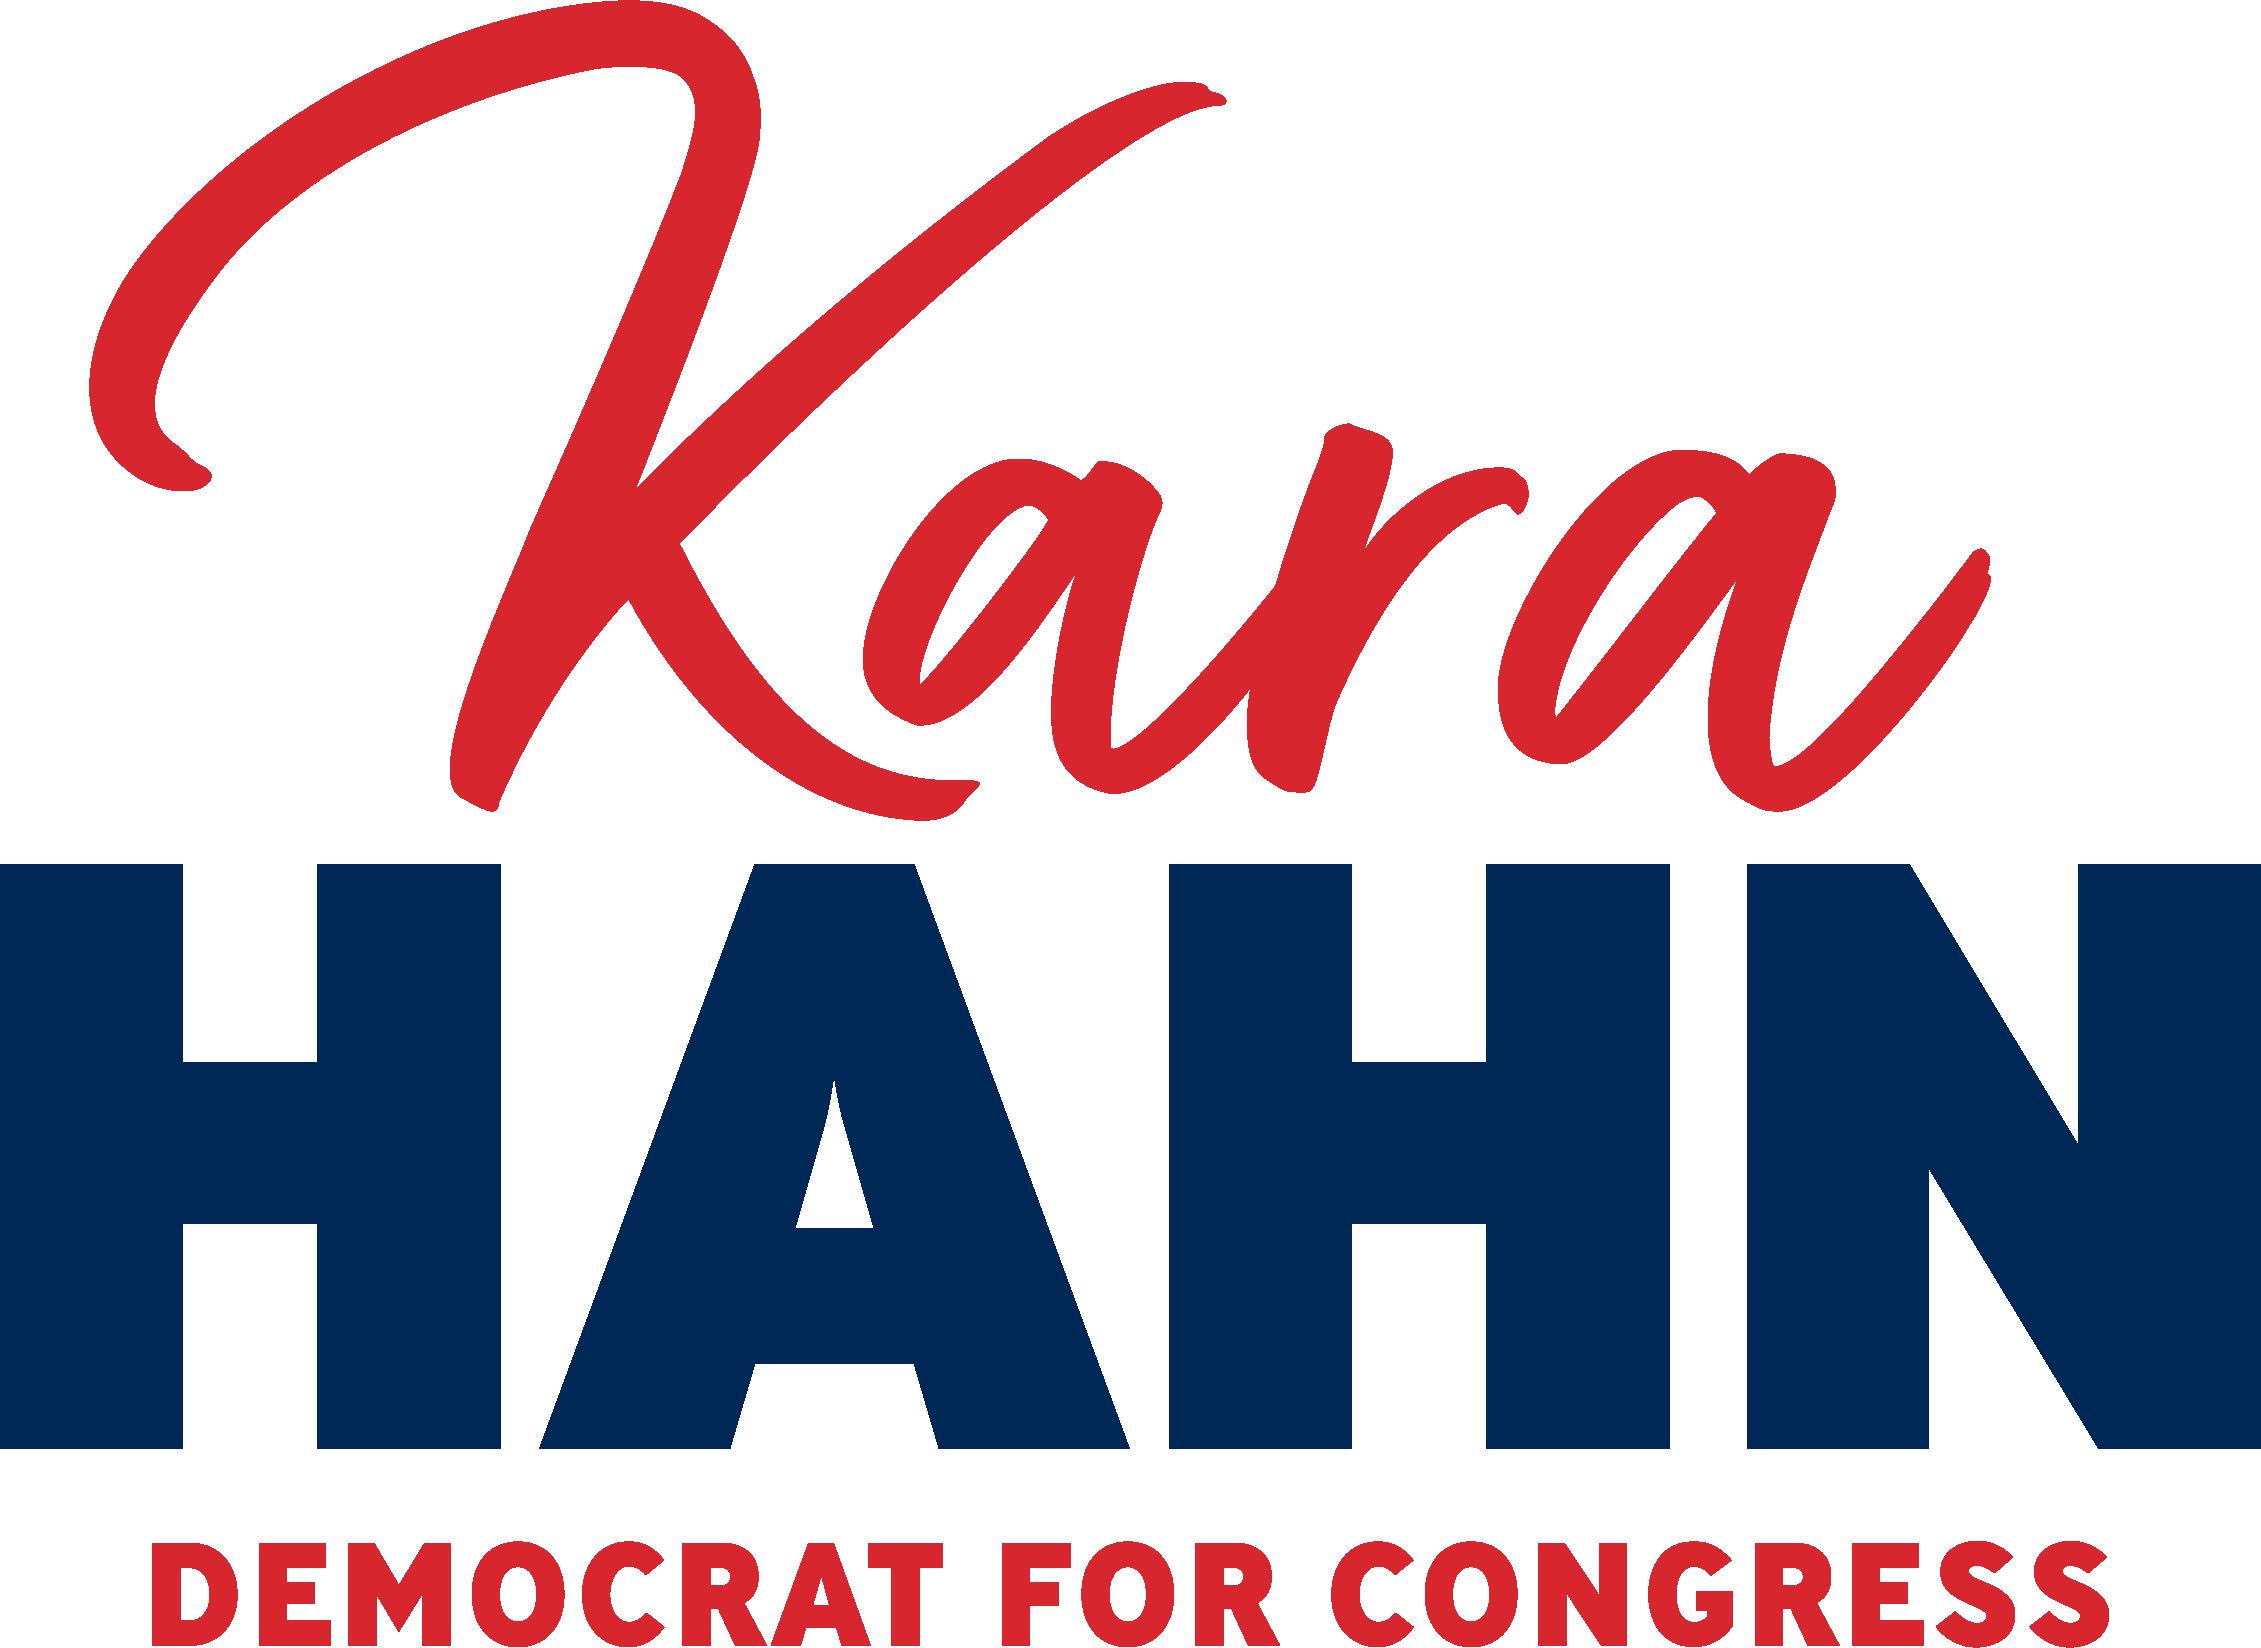 Kara Hahn for Congress logo